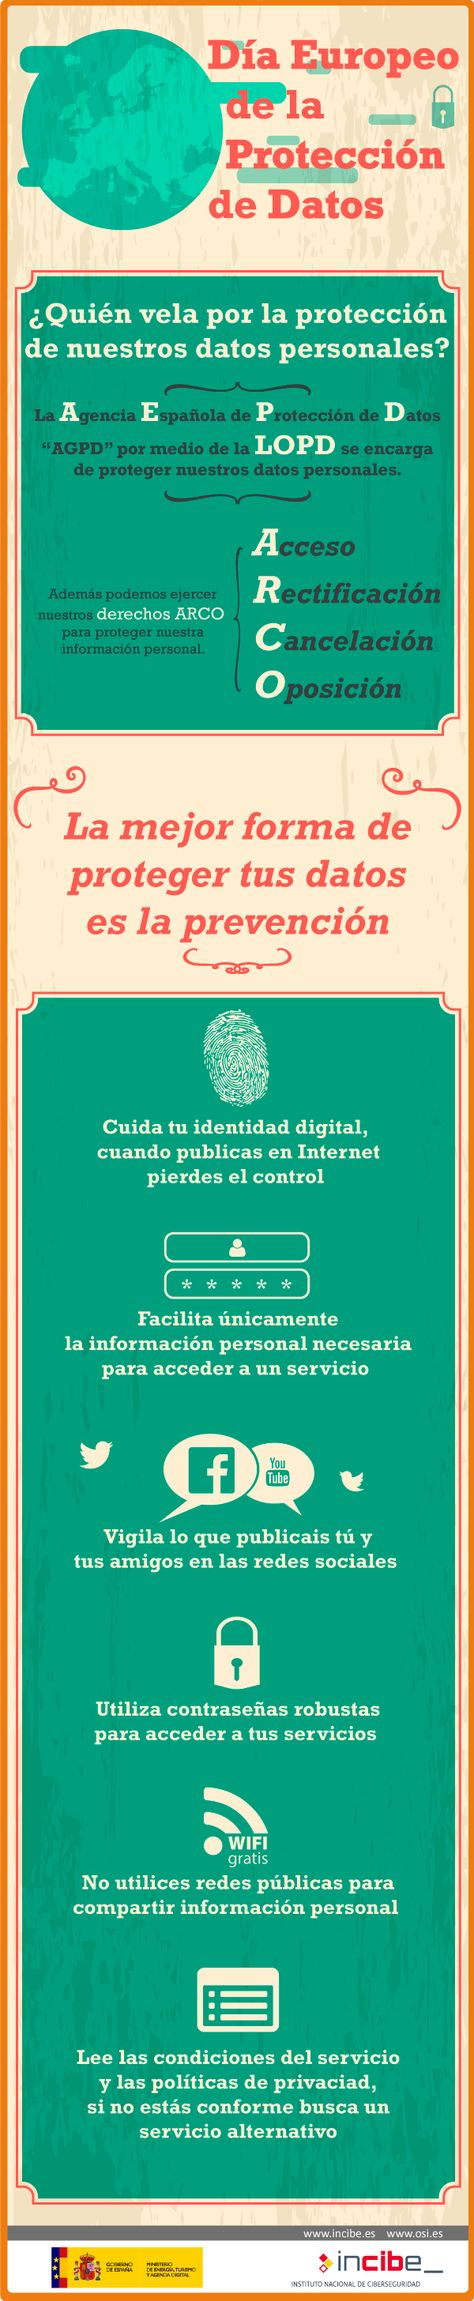 7 Ideas De Protección De Datos Proteccion De Datos Datos Protecciones